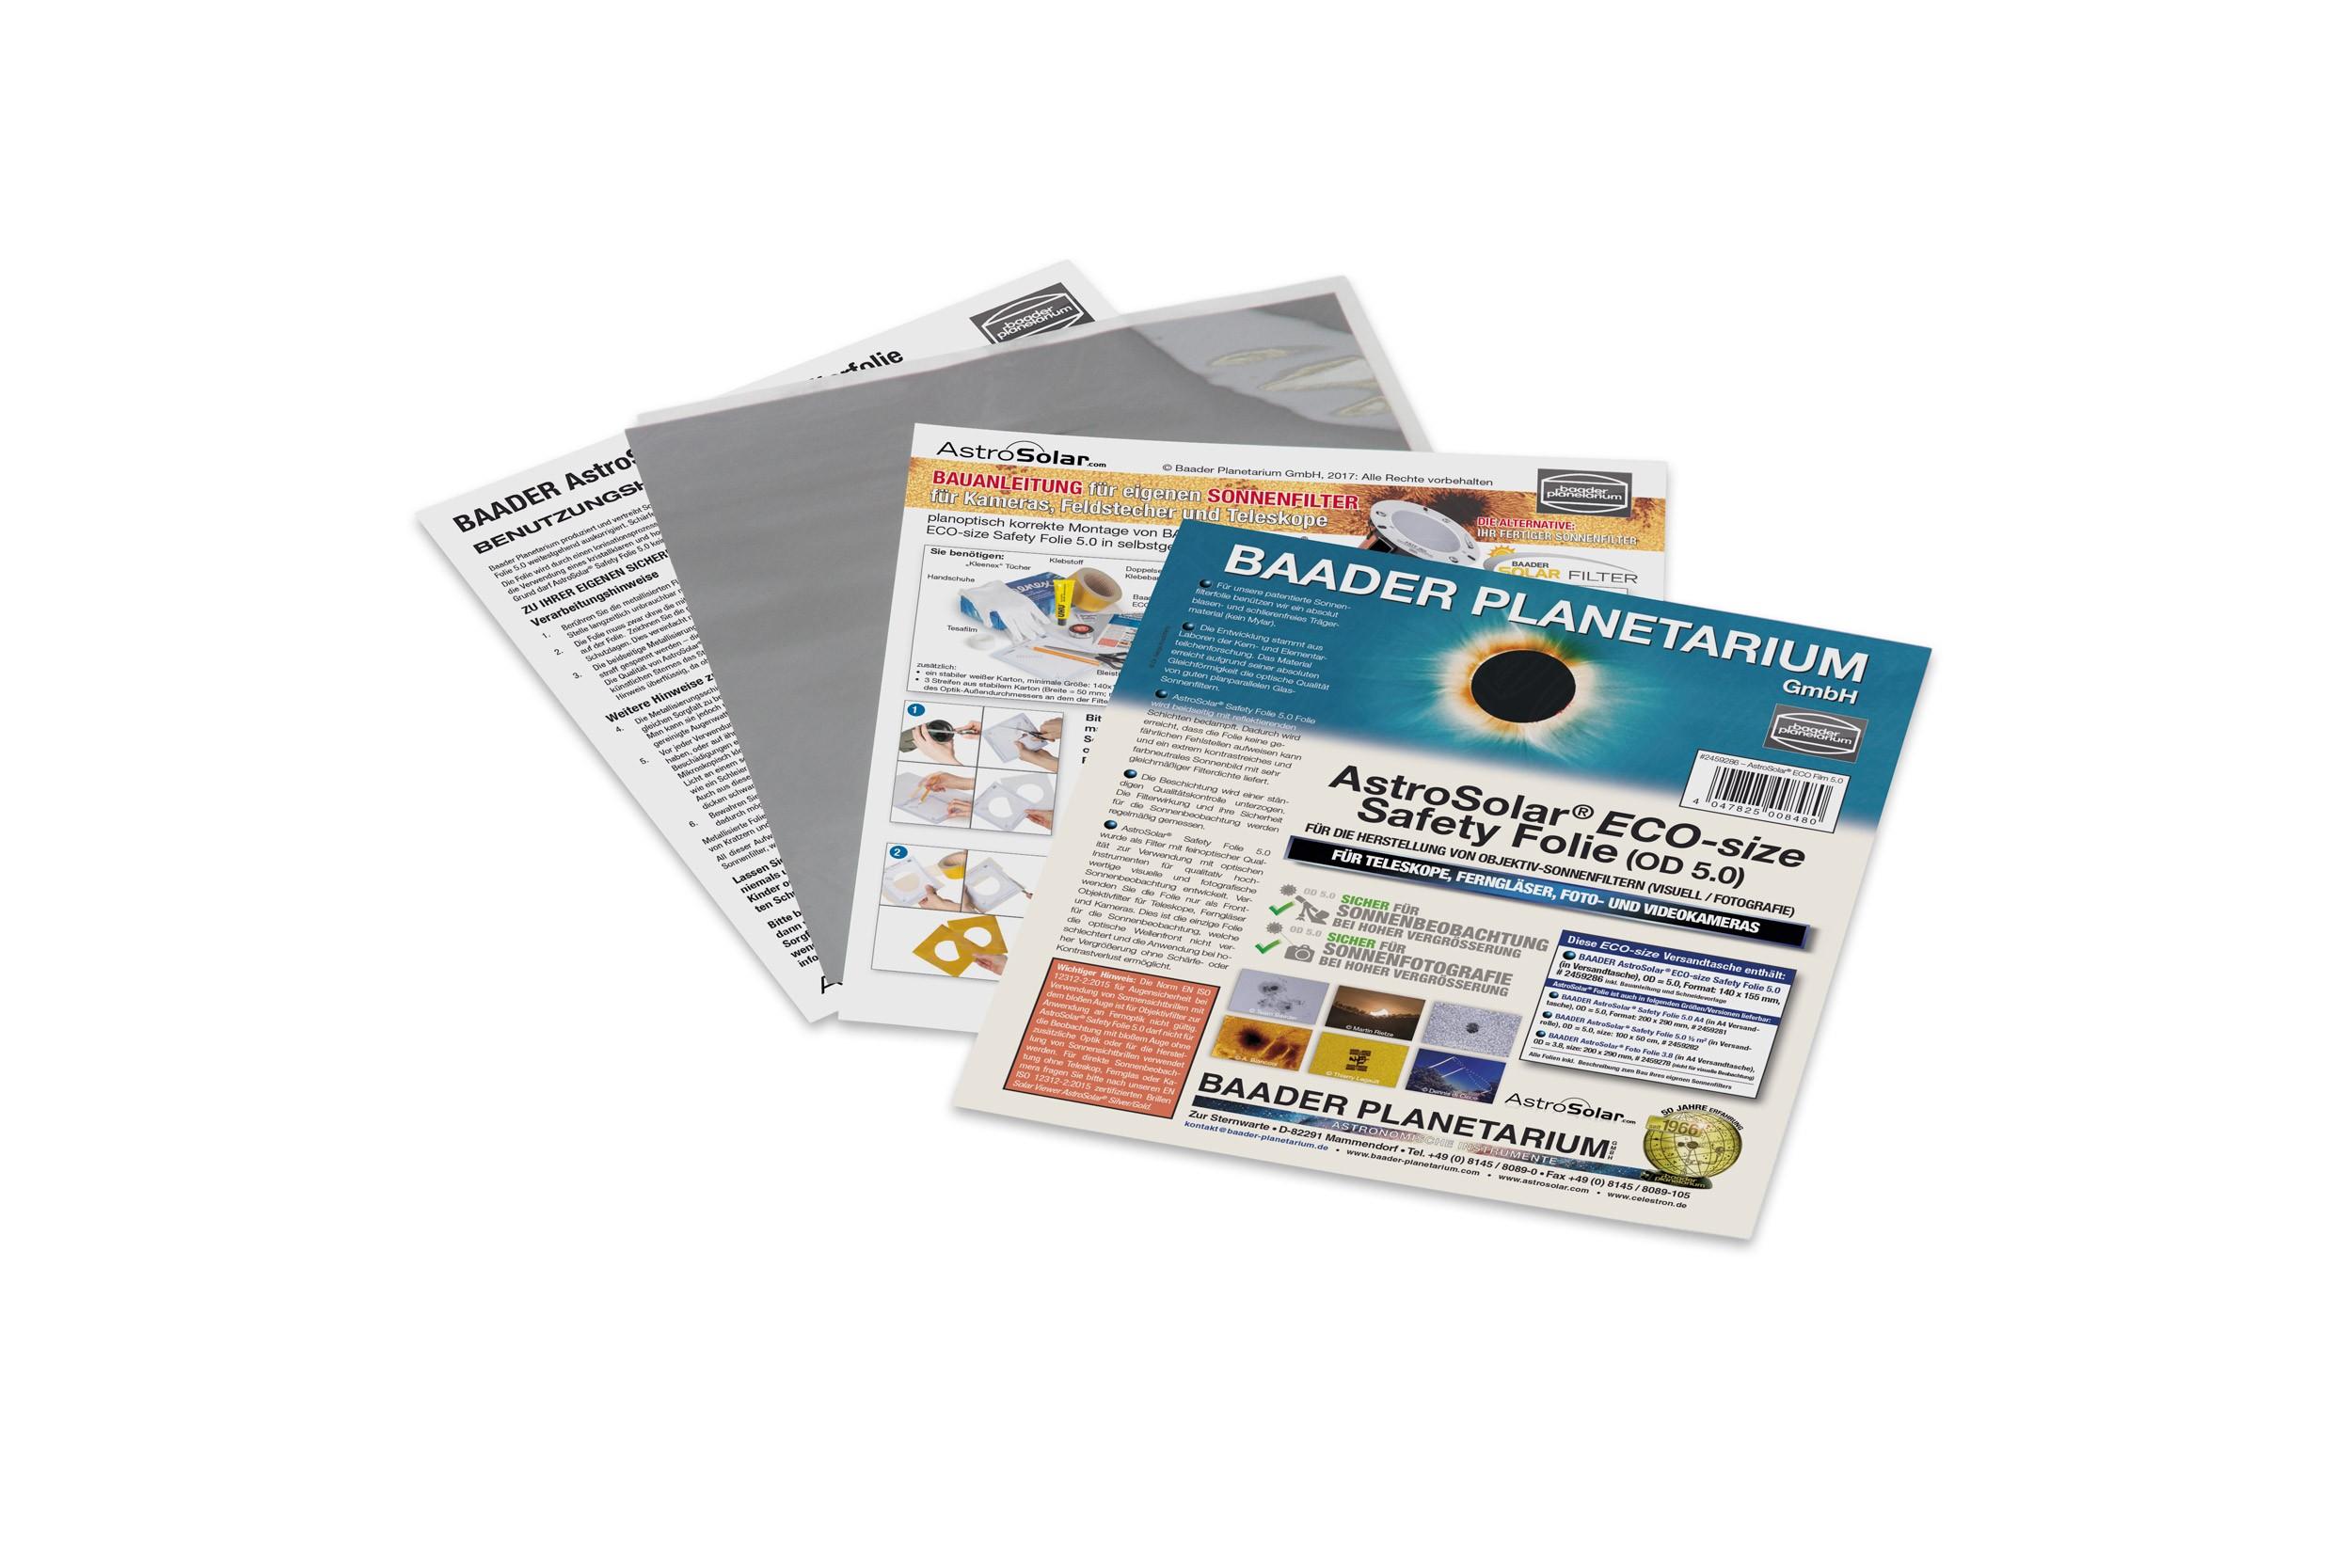 AstroSolar® ECO-size Safety Folie 5.0, 140x155 mm